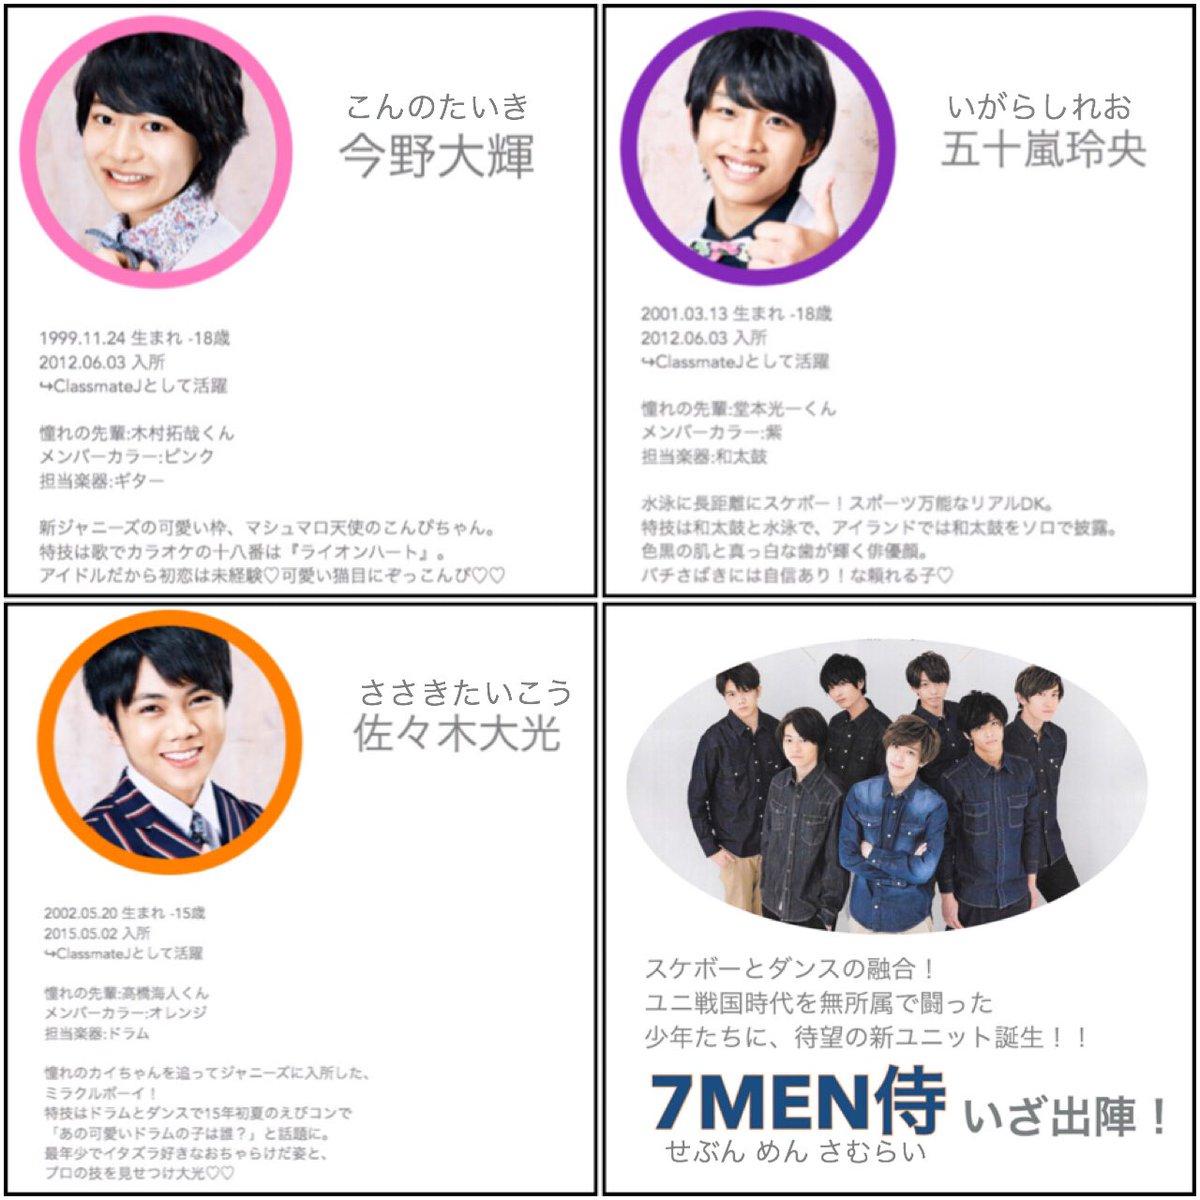 侍 7 りんね men